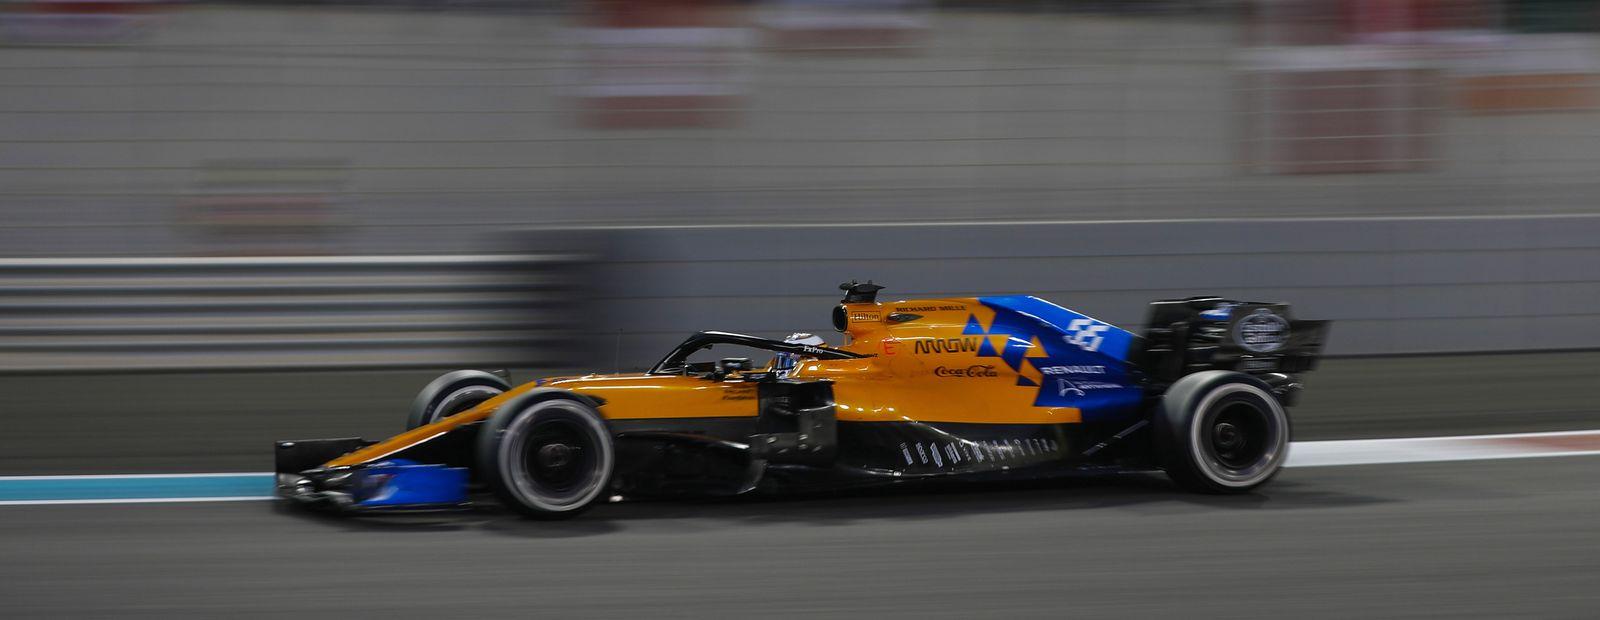 McLaren Racing announces new partnership with FAI Aviation Group